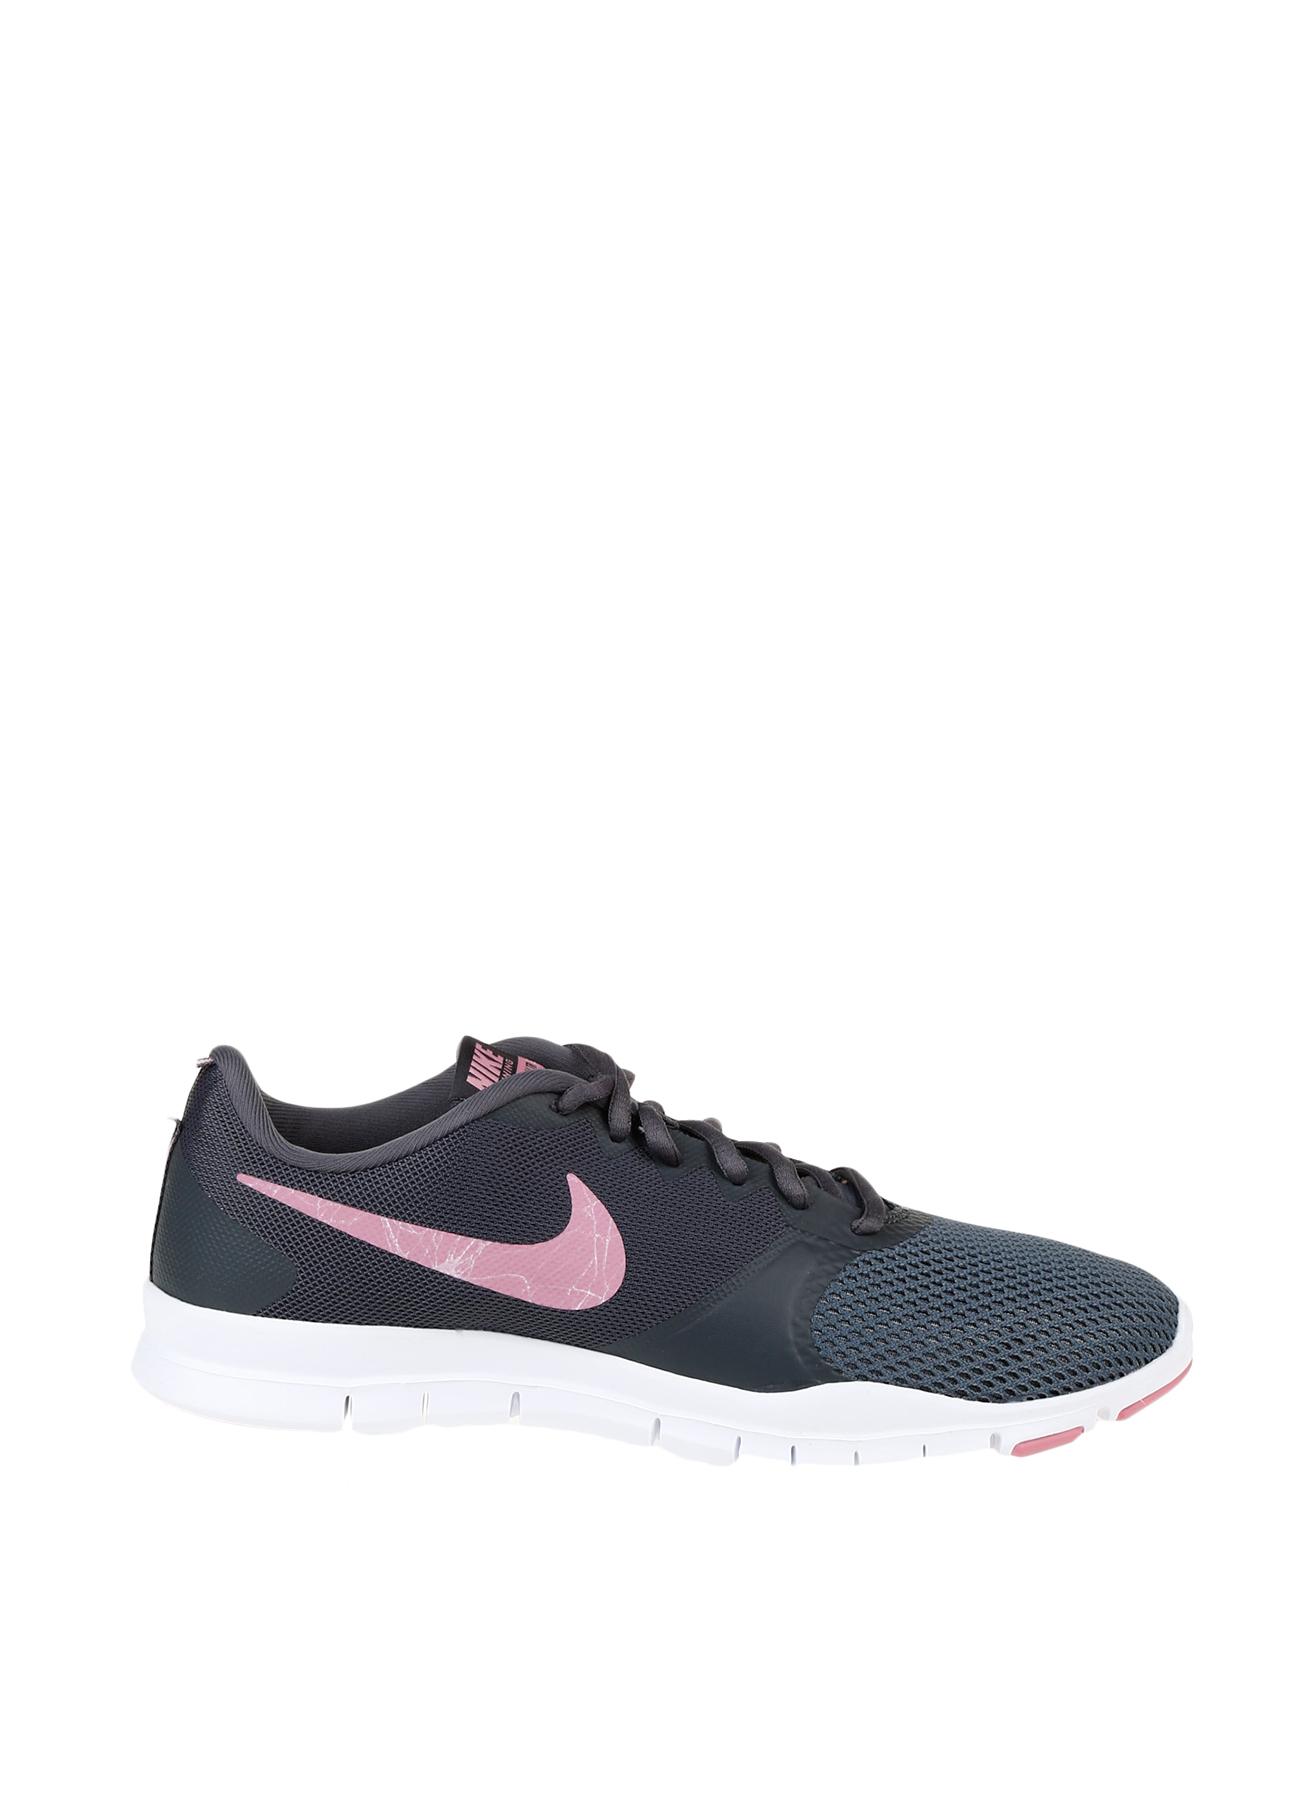 Nike Flex Essential Tr Traınıng Ayakkabısı 39 5001635013005 Ürün Resmi